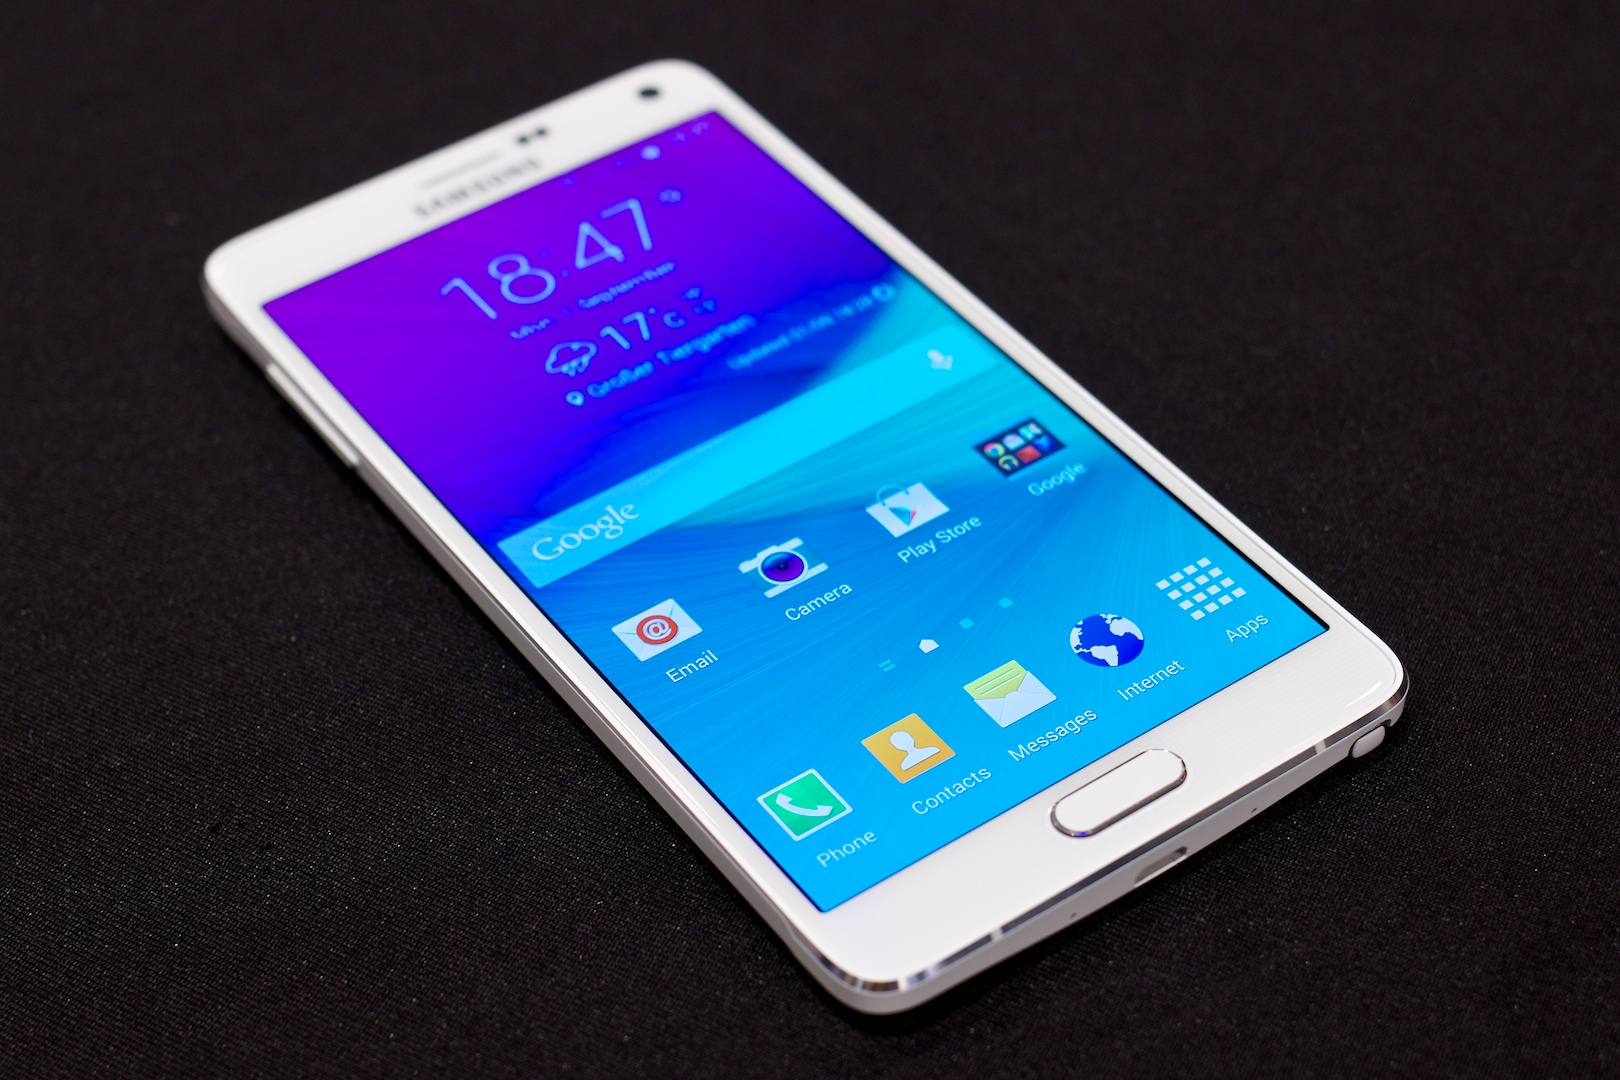 Markteinführung verzögert sich: Samsung bringt Galaxy Note 4 später - Das neue Galaxy Note 4 von Samsung (Bild: Michael Wieczorek/Golem.de)